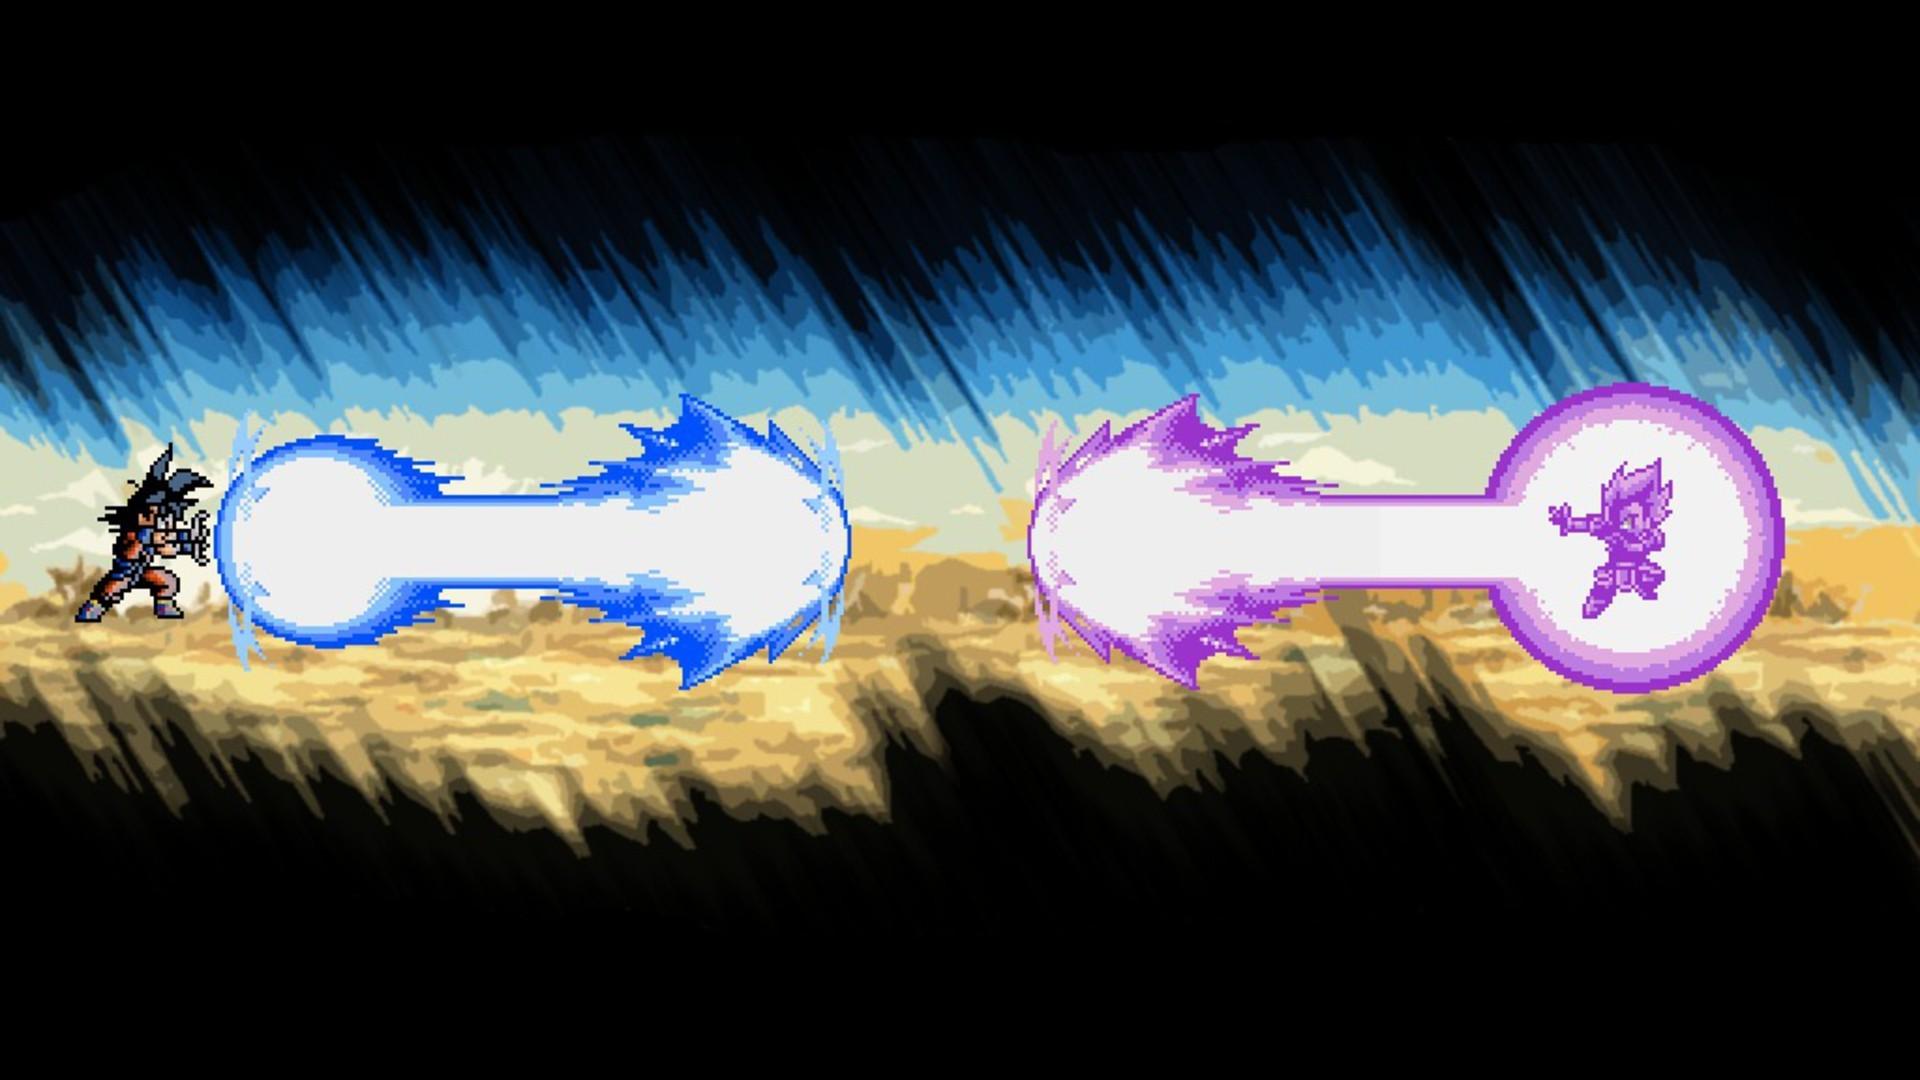 Vegeta Son Goku Dragon Ball Z goku vs vegeta Kakarotto wallpaper .